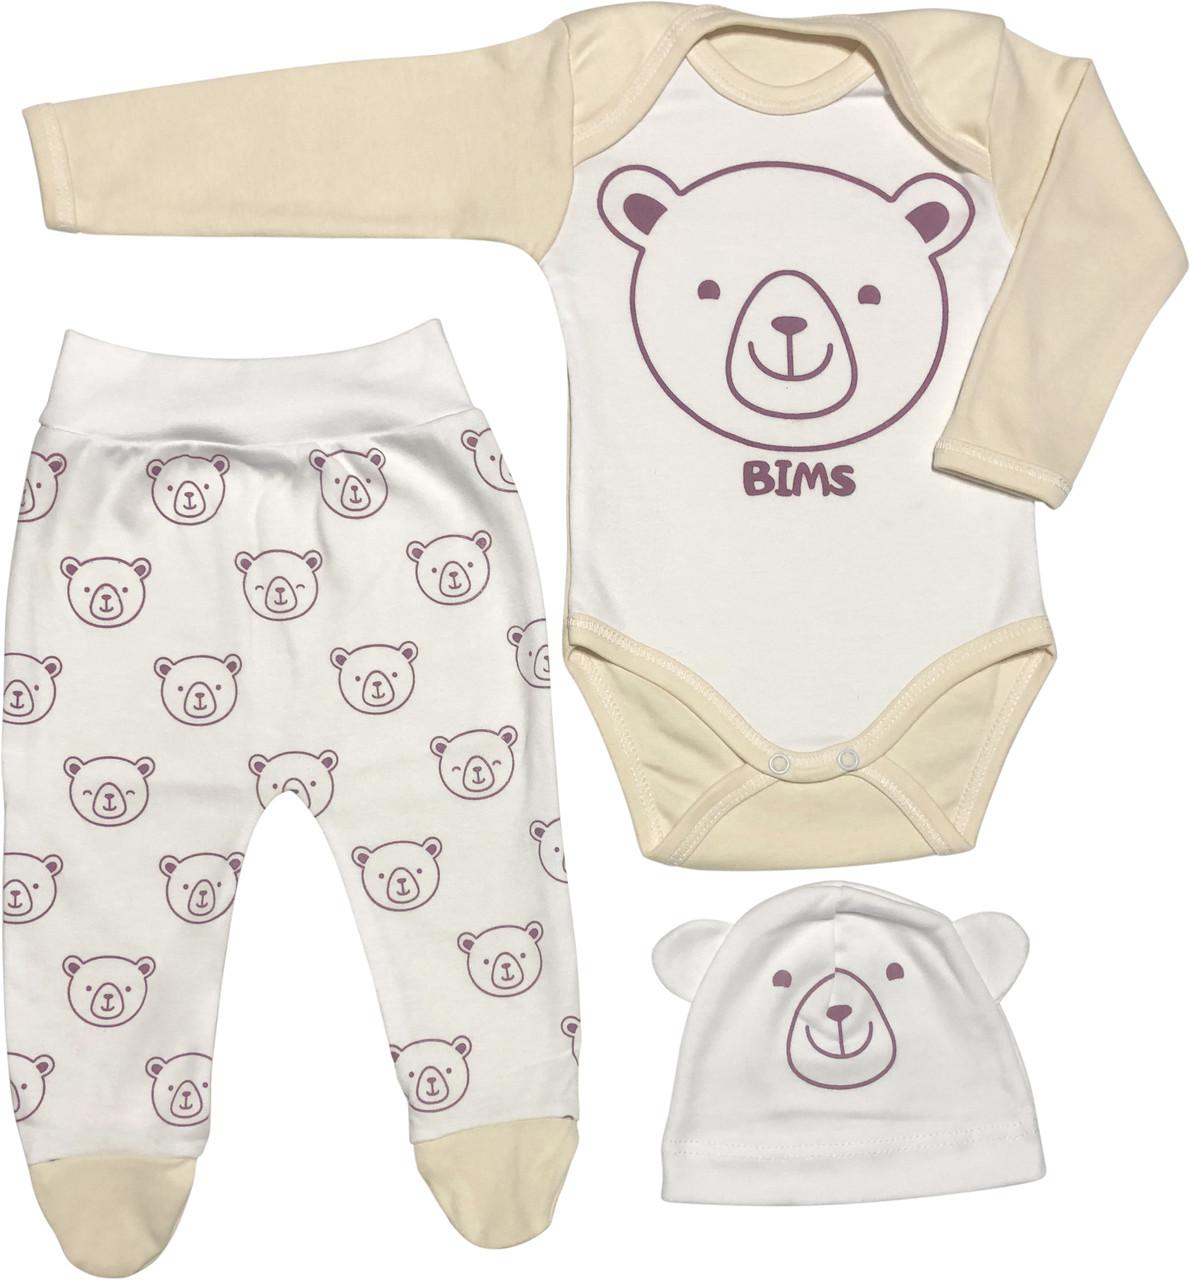 Дитячий костюм зростання 56 0-2 міс трикотажний інтерлок бежевий костюмчик на хлопчика на дівчинку комплект для новонароджених малюків Б685